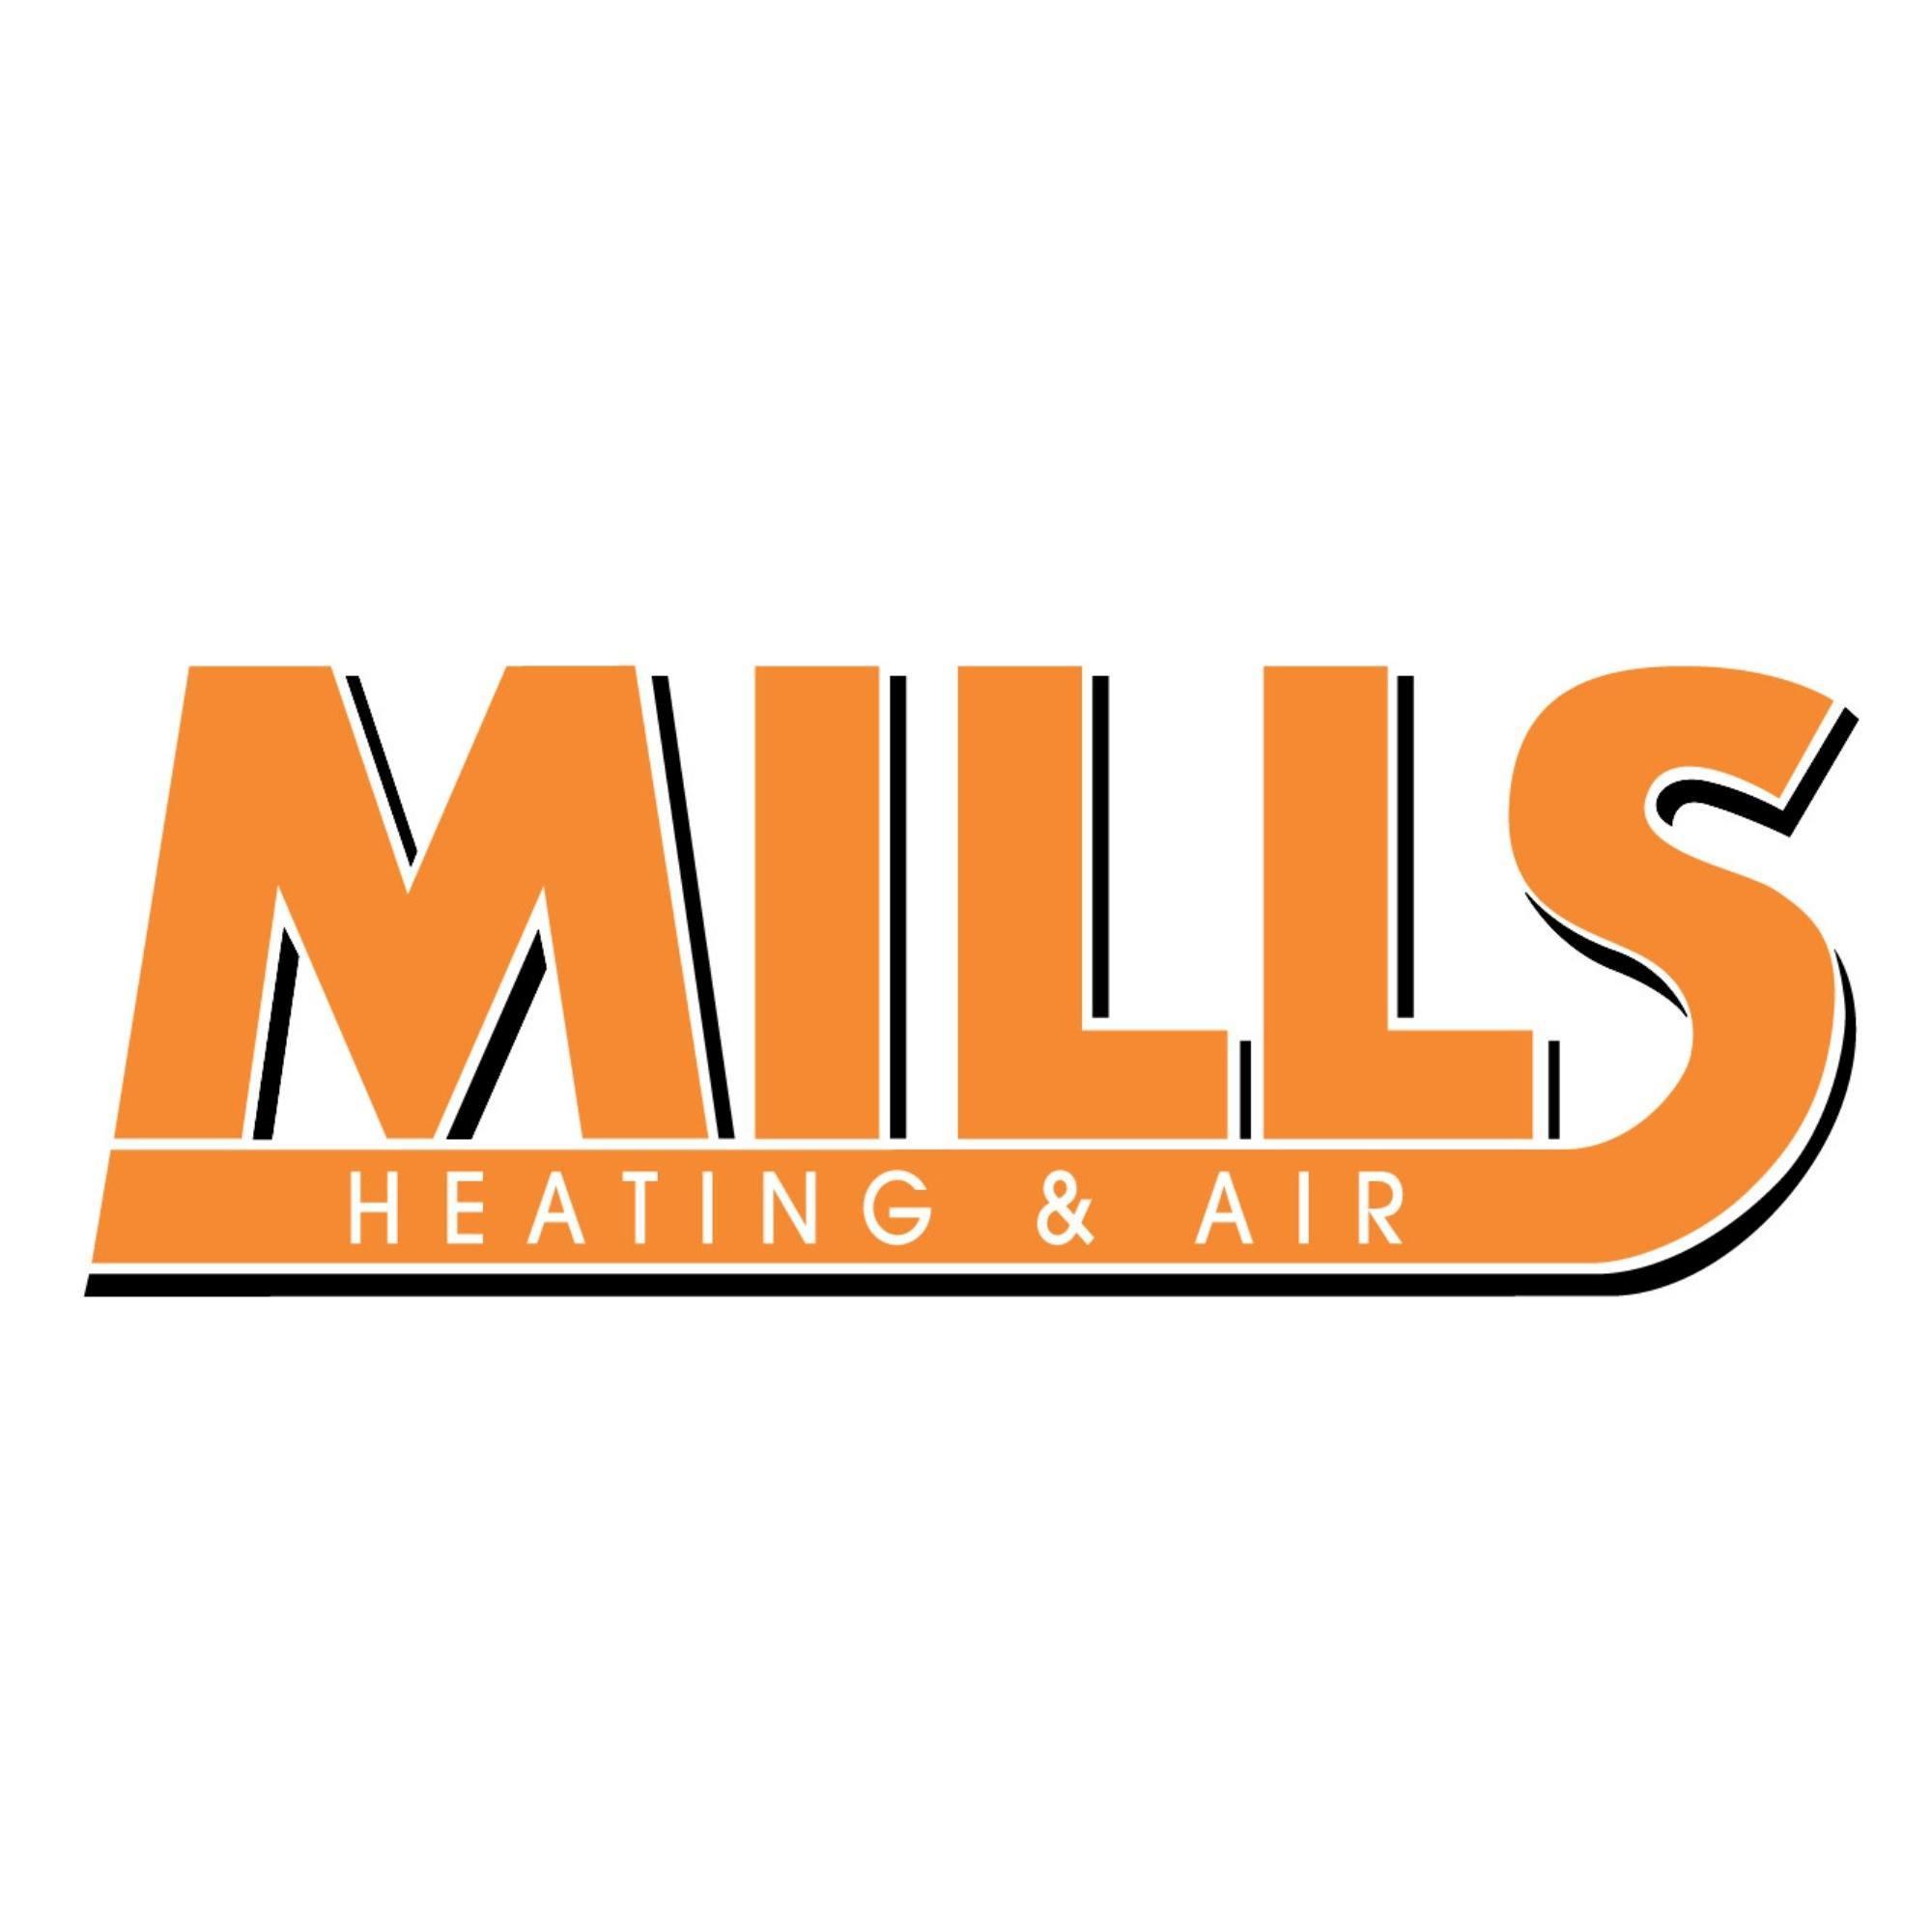 Mills Heating & Air - Fort Walton Beach, FL 32547 - (850)583-7886 | ShowMeLocal.com